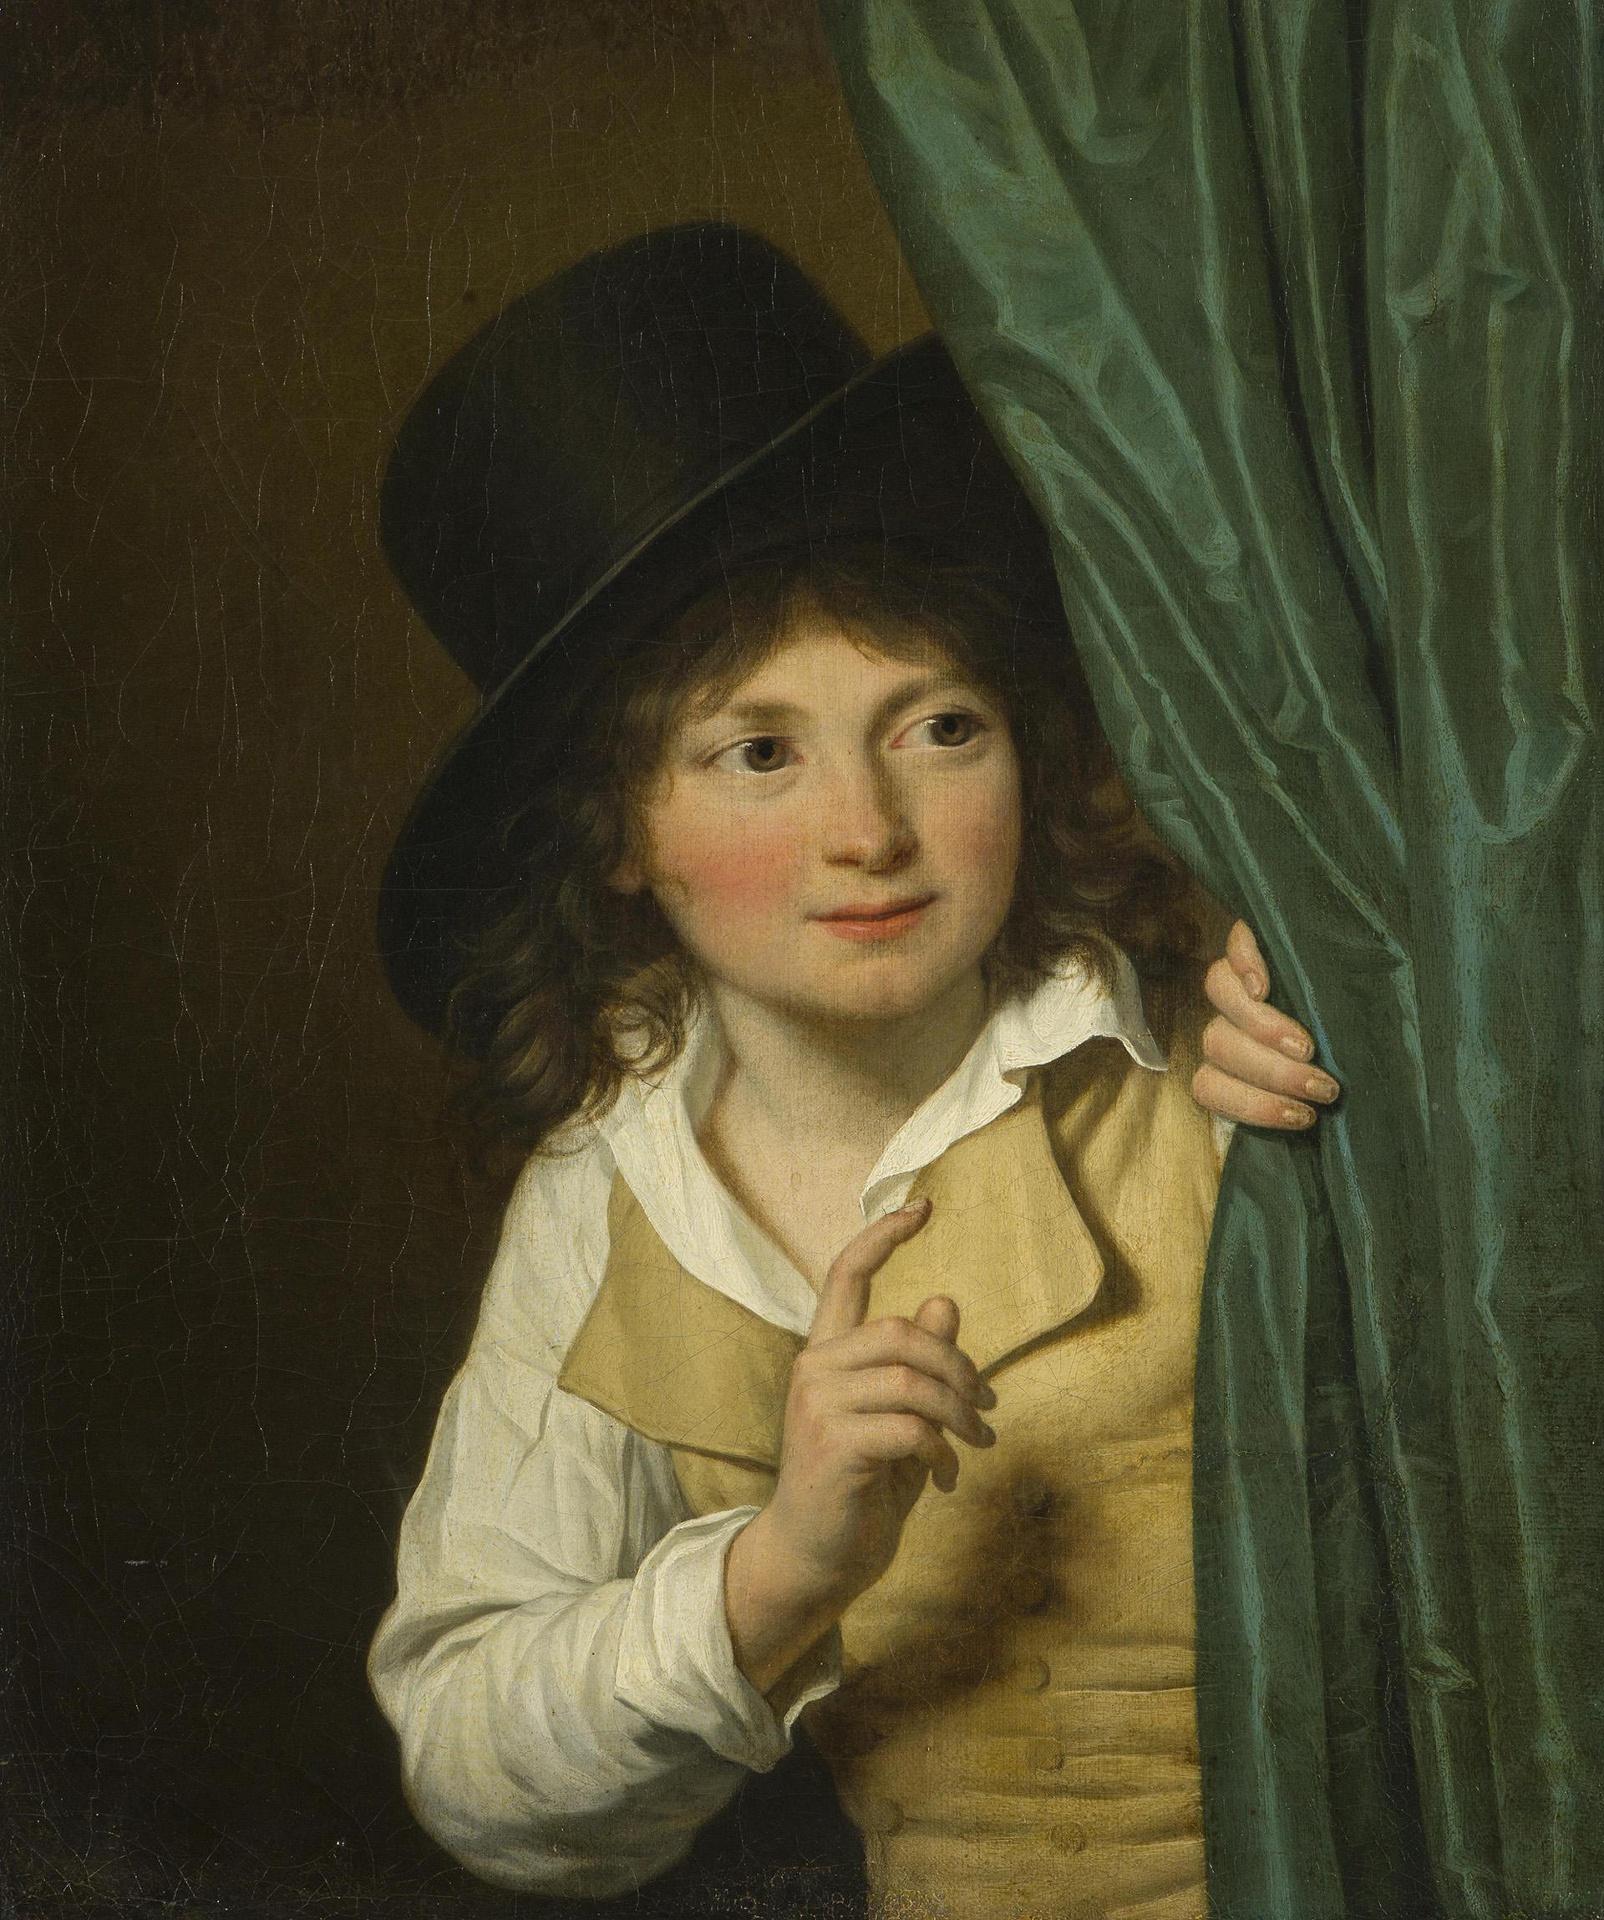 Ж.Л. Ланевиль. Мальчик у занавески. 1807. Государственный Эрмитаж